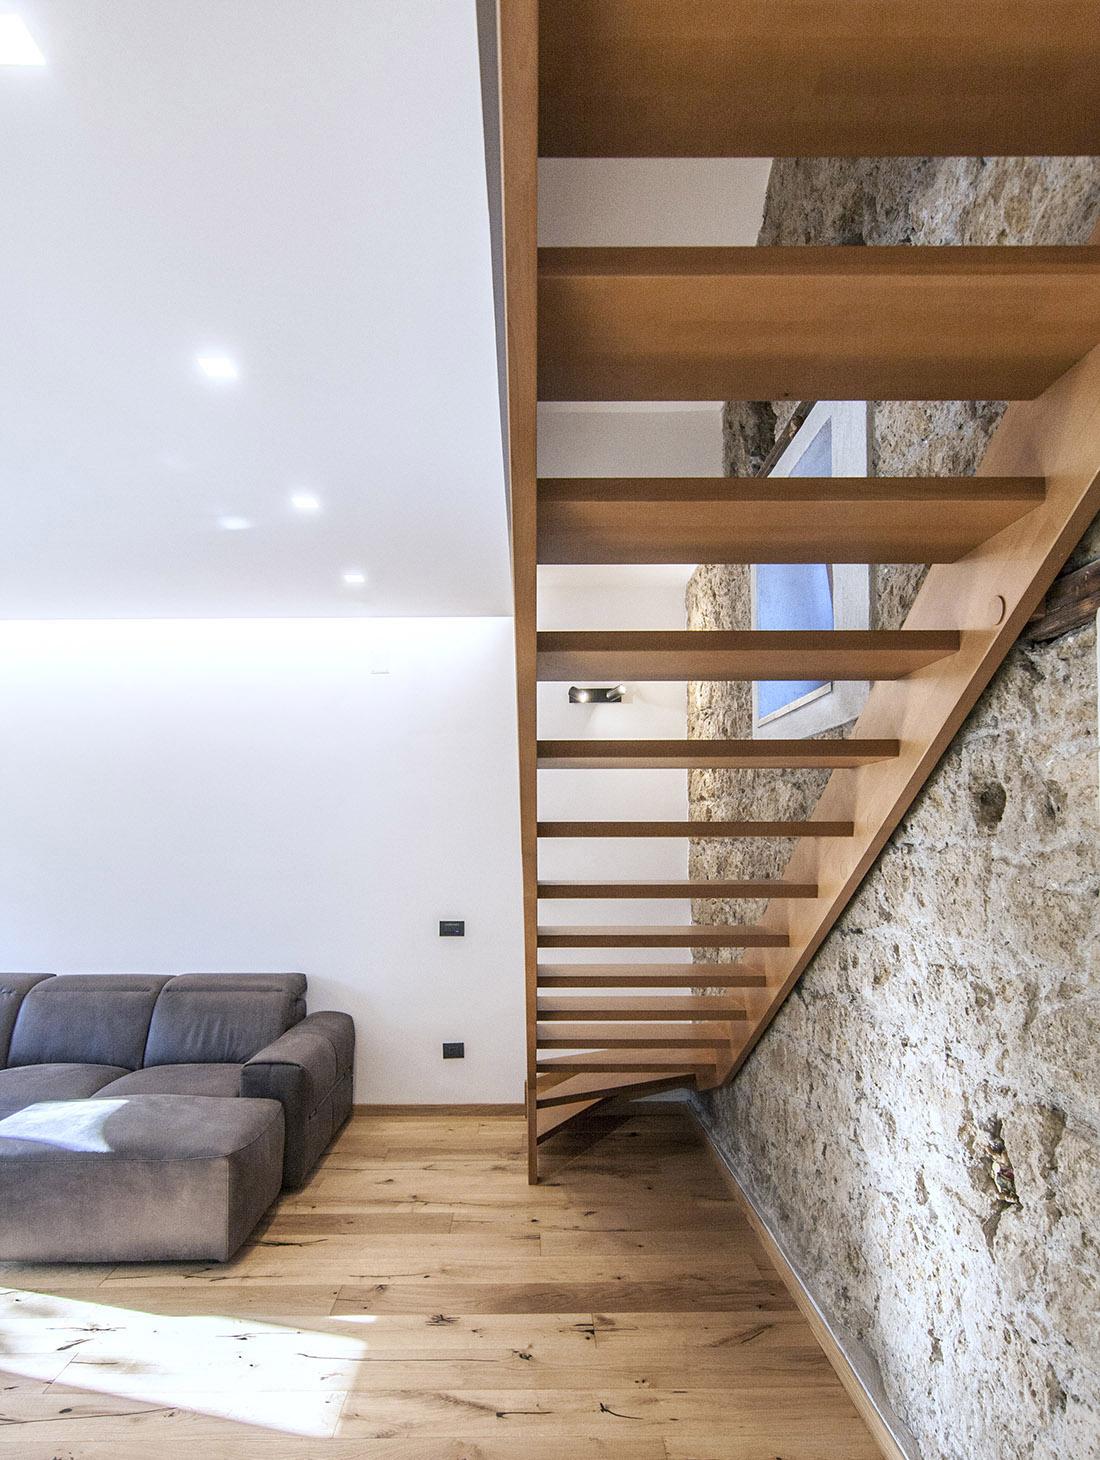 casa-tao-napoli-tufo-a-vista-recupero-moderno-pucciarelli-architetti-scala-soggiorno-5